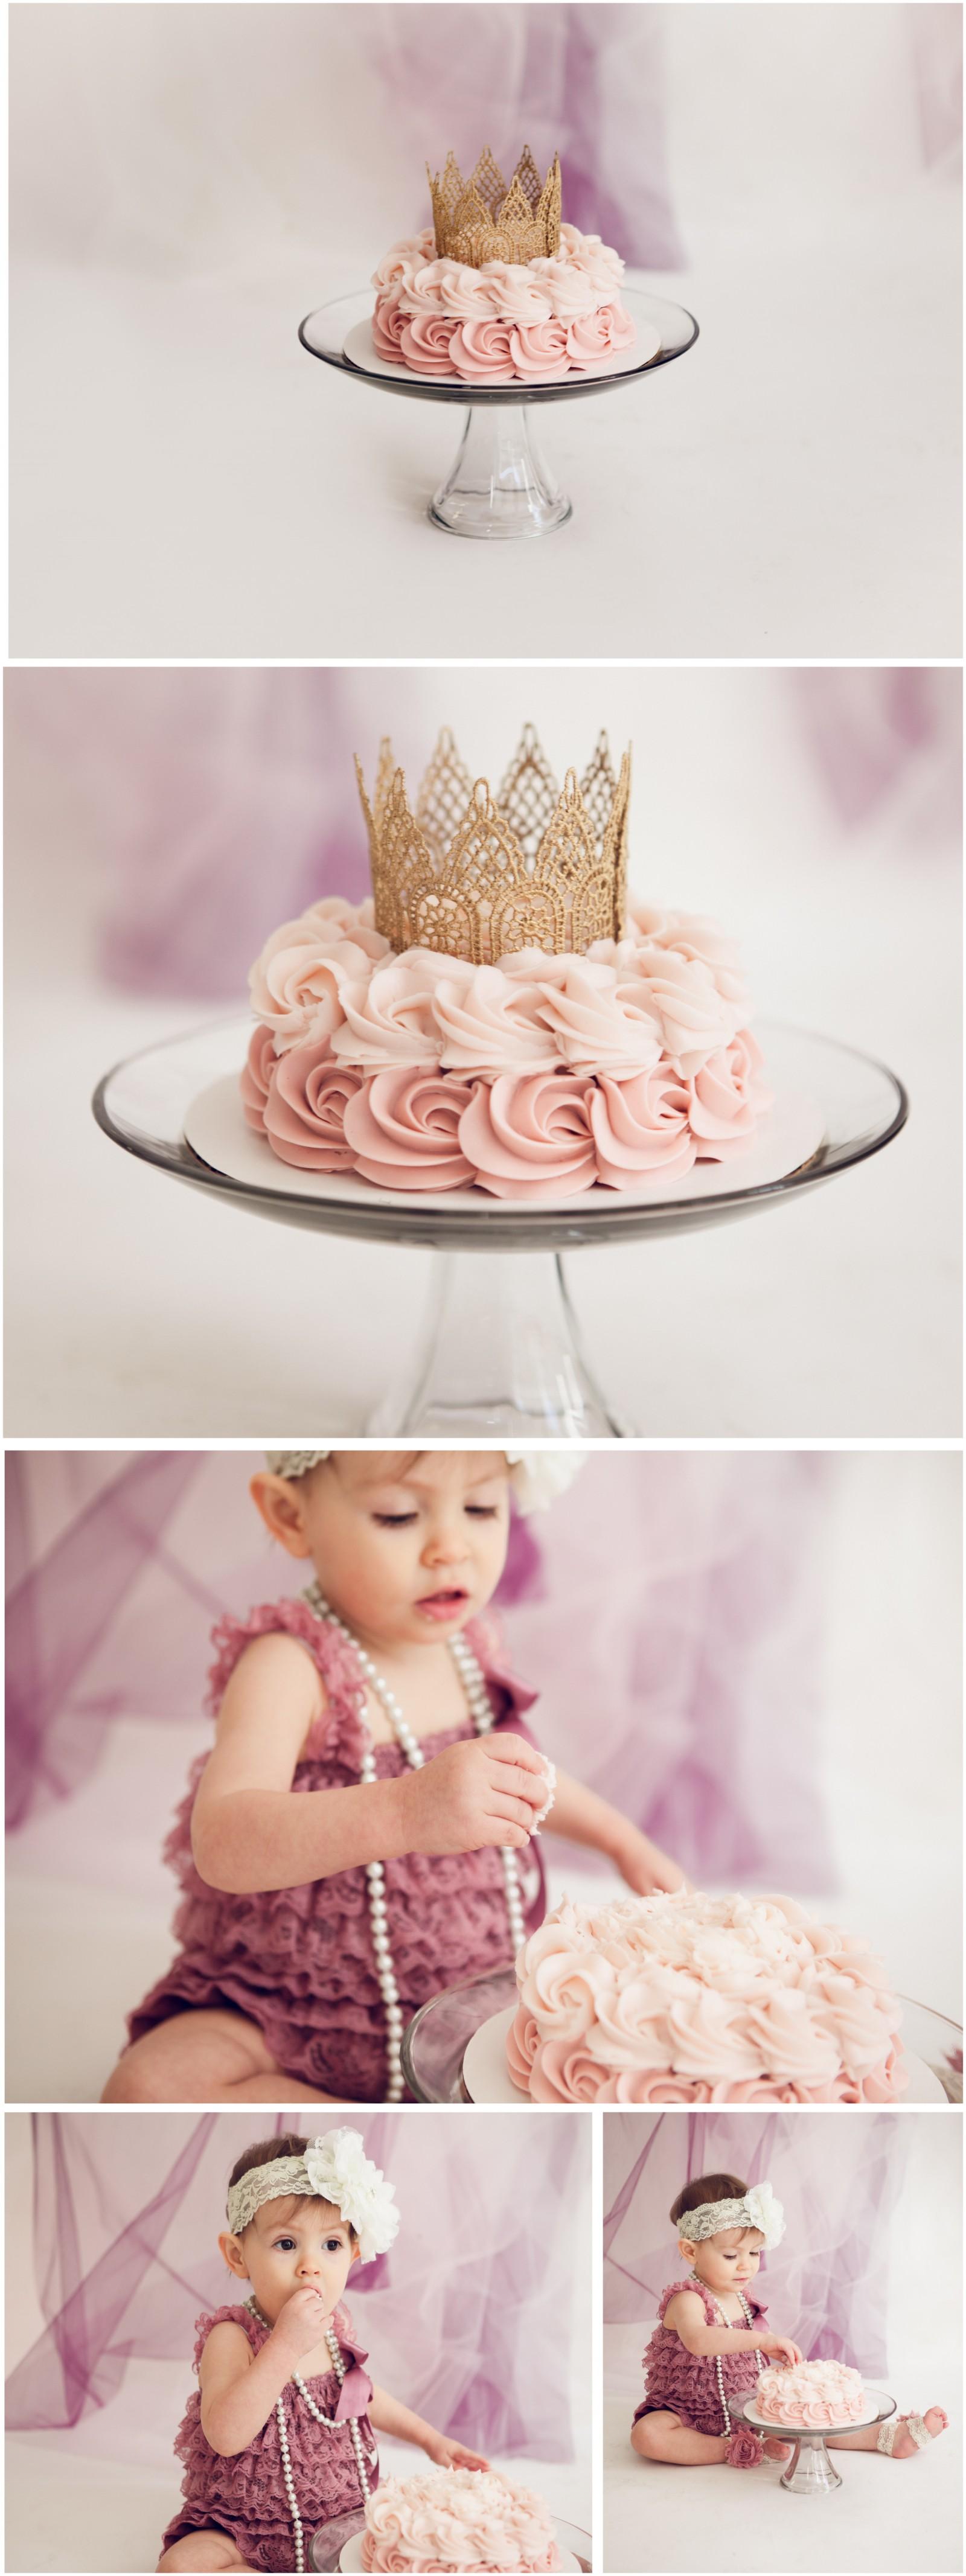 Adelina 3 - Cake Smash Lafayette Indiana Photographer